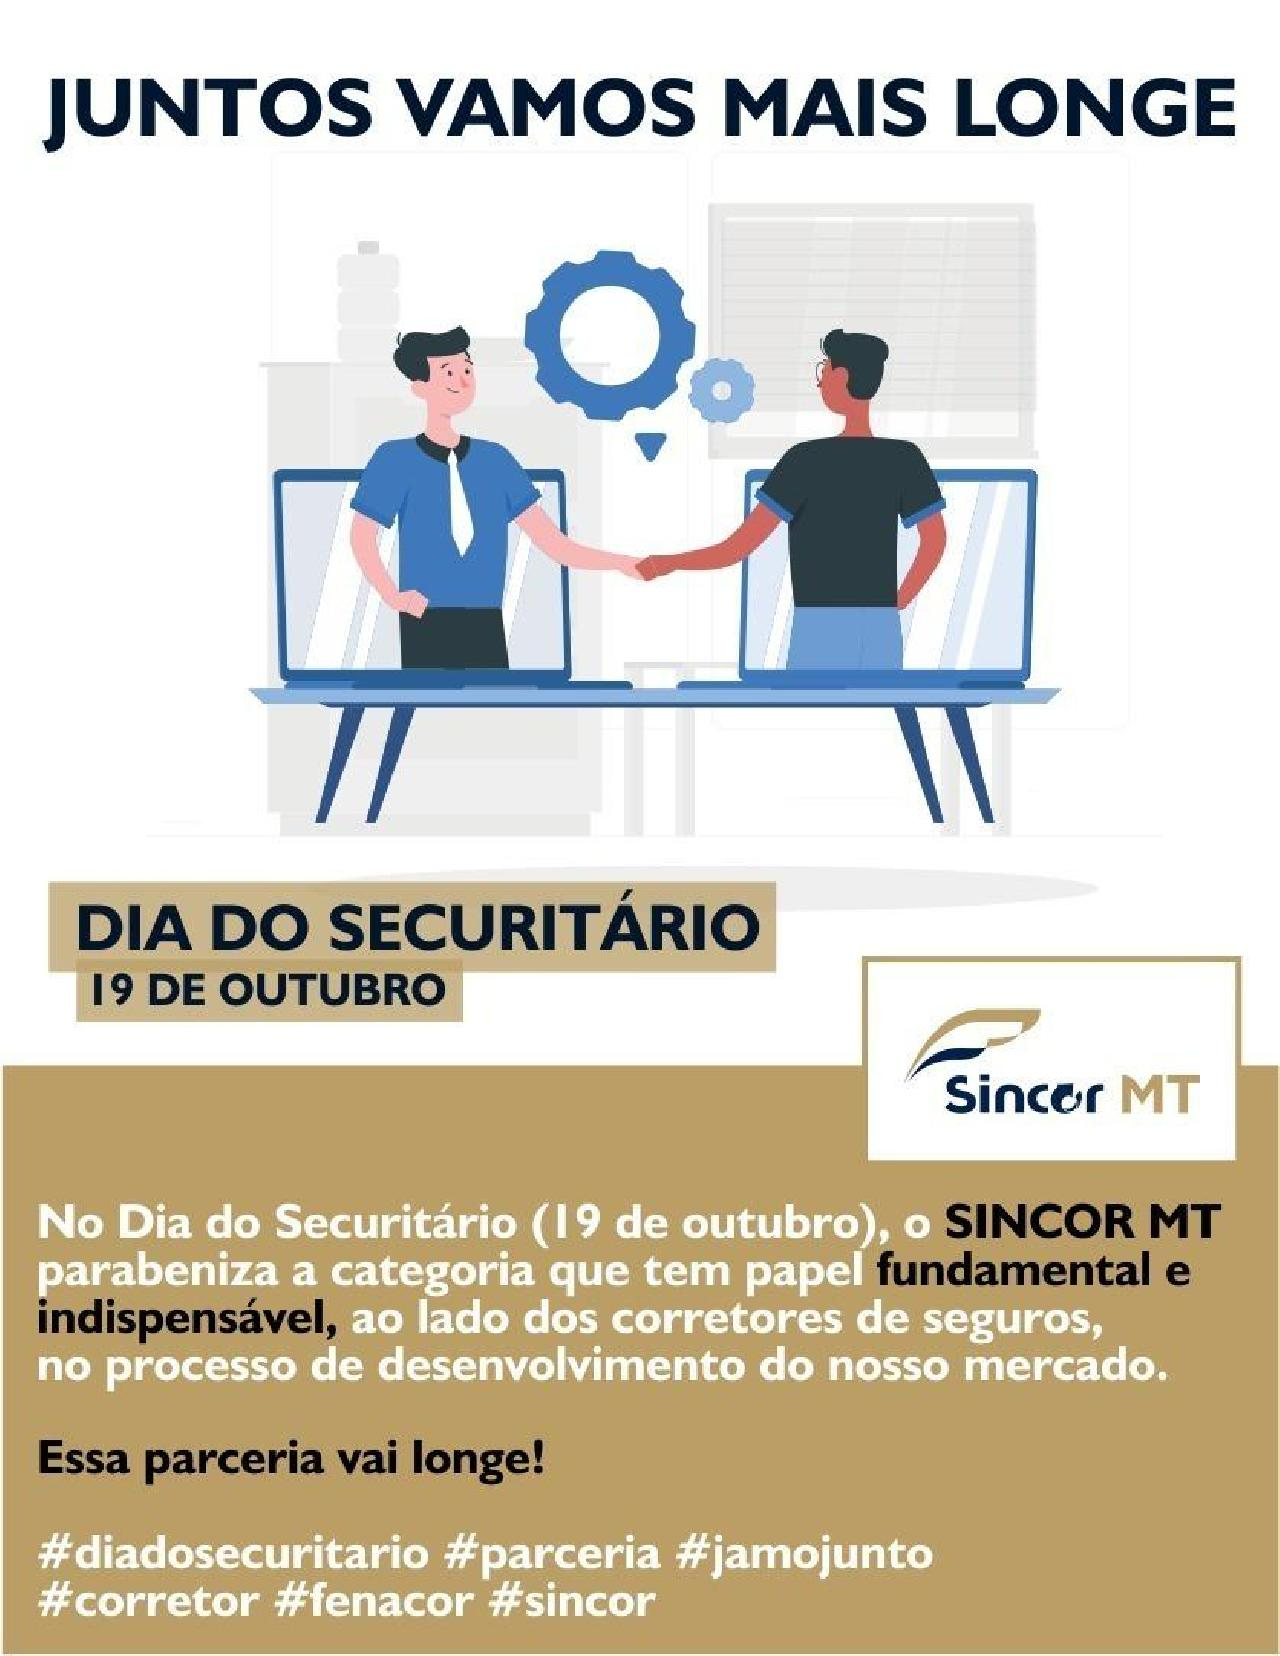 19 de outubro, Dia do Securitário